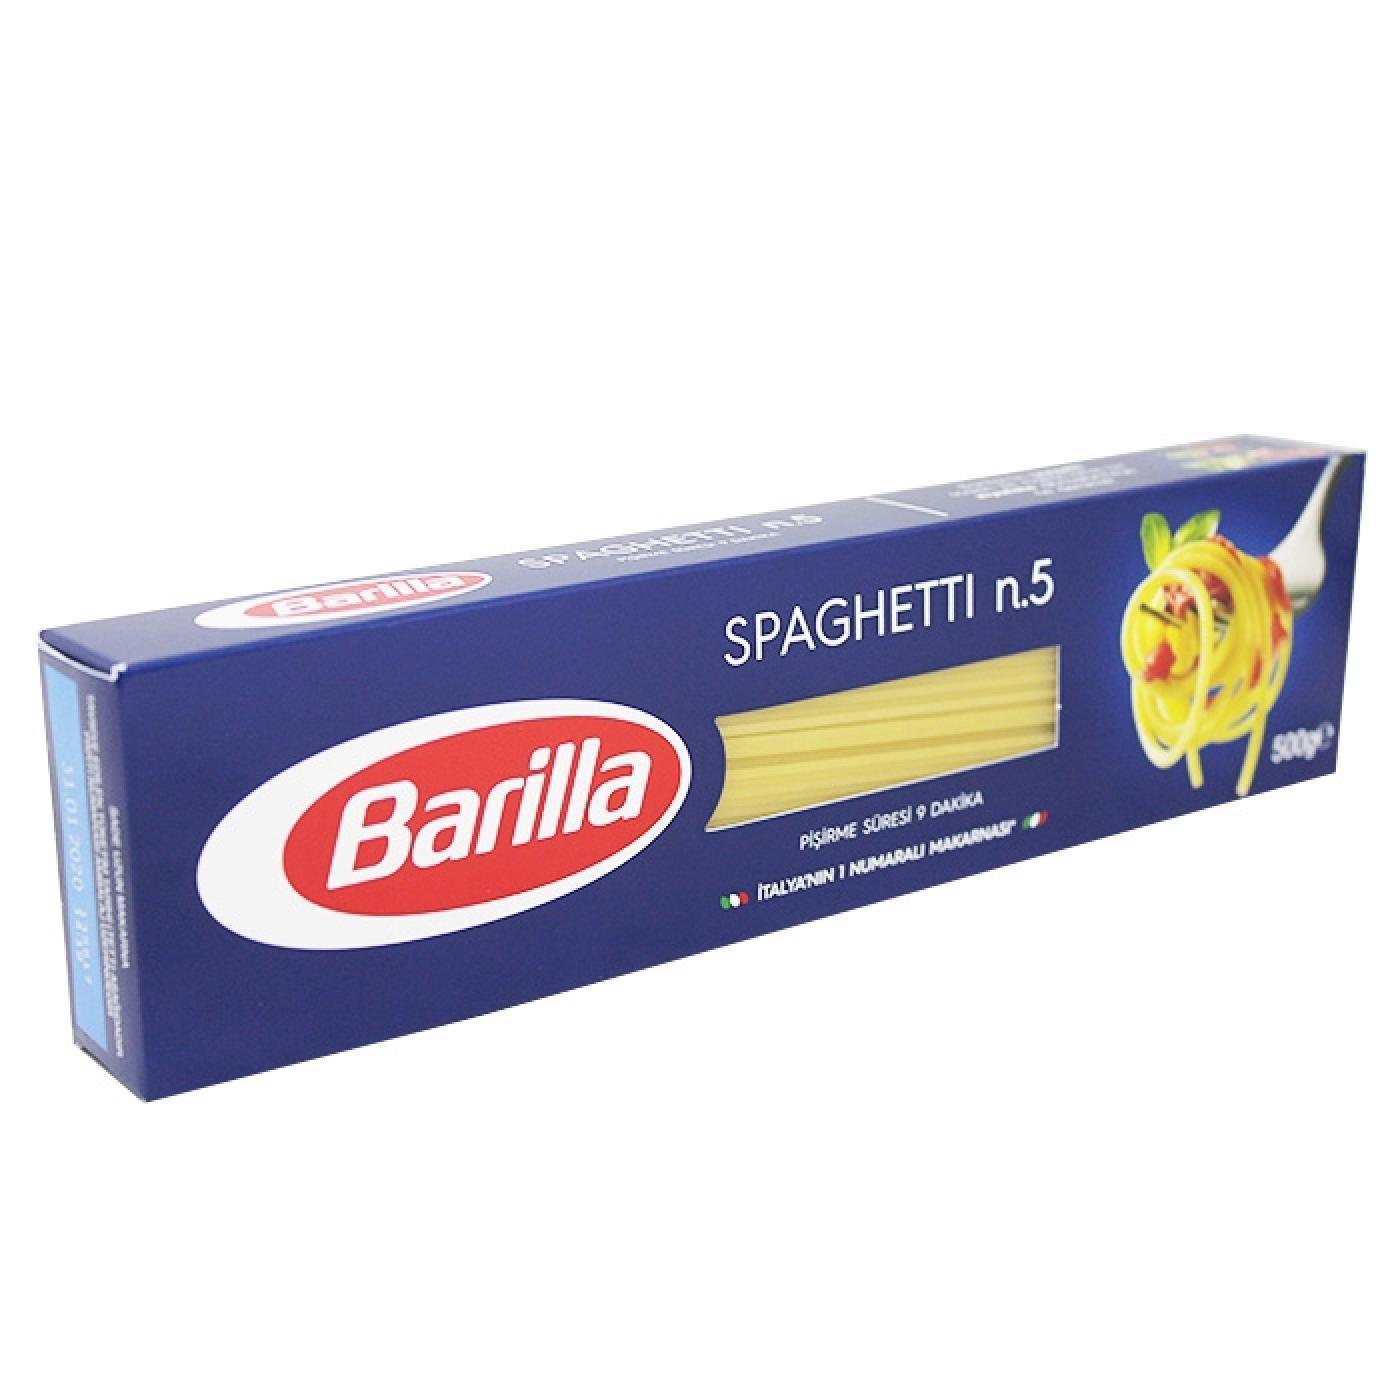 BARİLLA MAKARNA 500GR İNCE SPAGETTİ